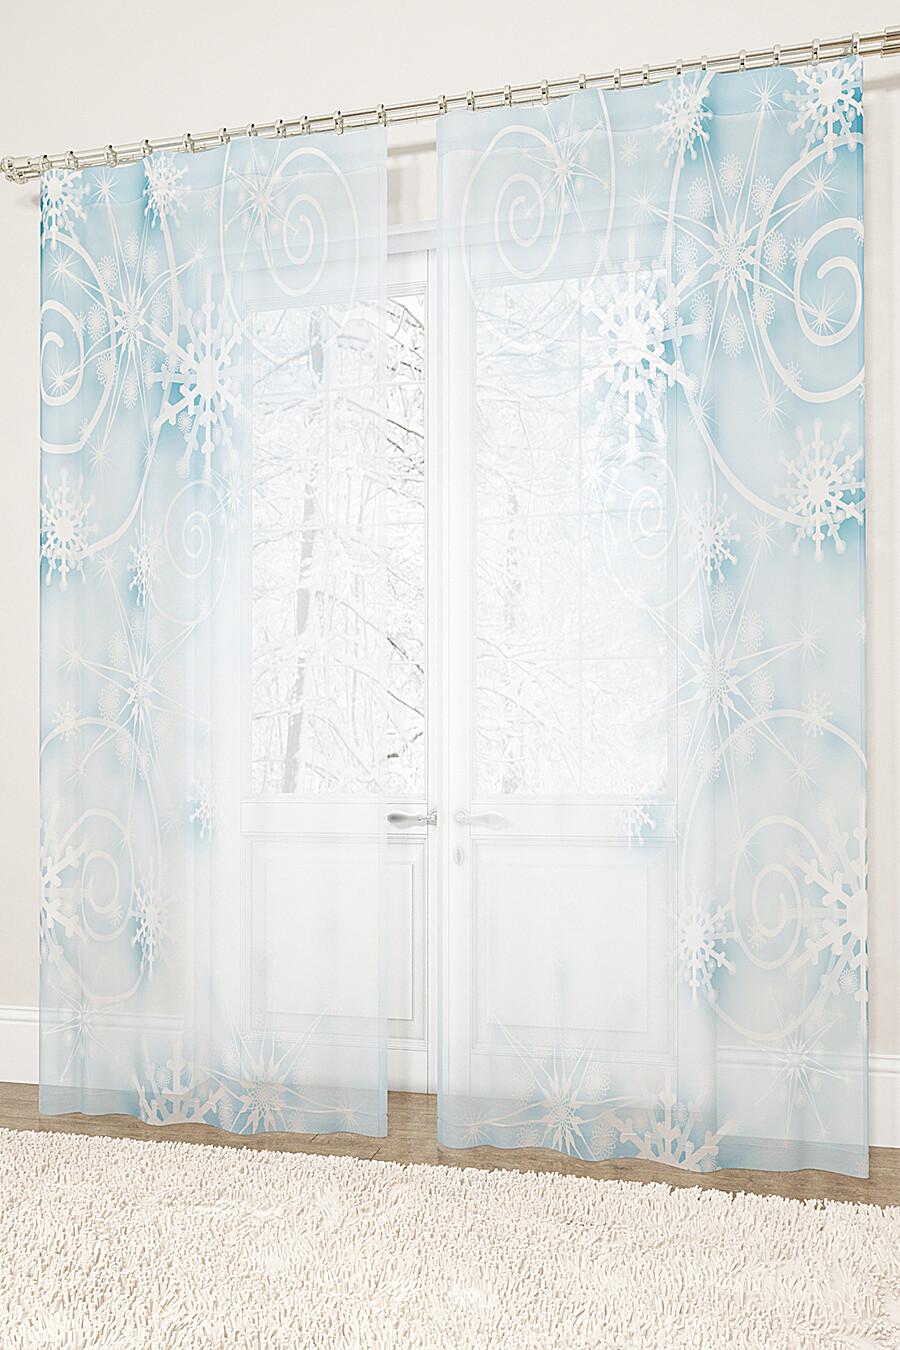 Фототюль для дома ART HOME TEXTILE 155725 купить оптом от производителя. Совместная покупка товаров для дома в OptMoyo